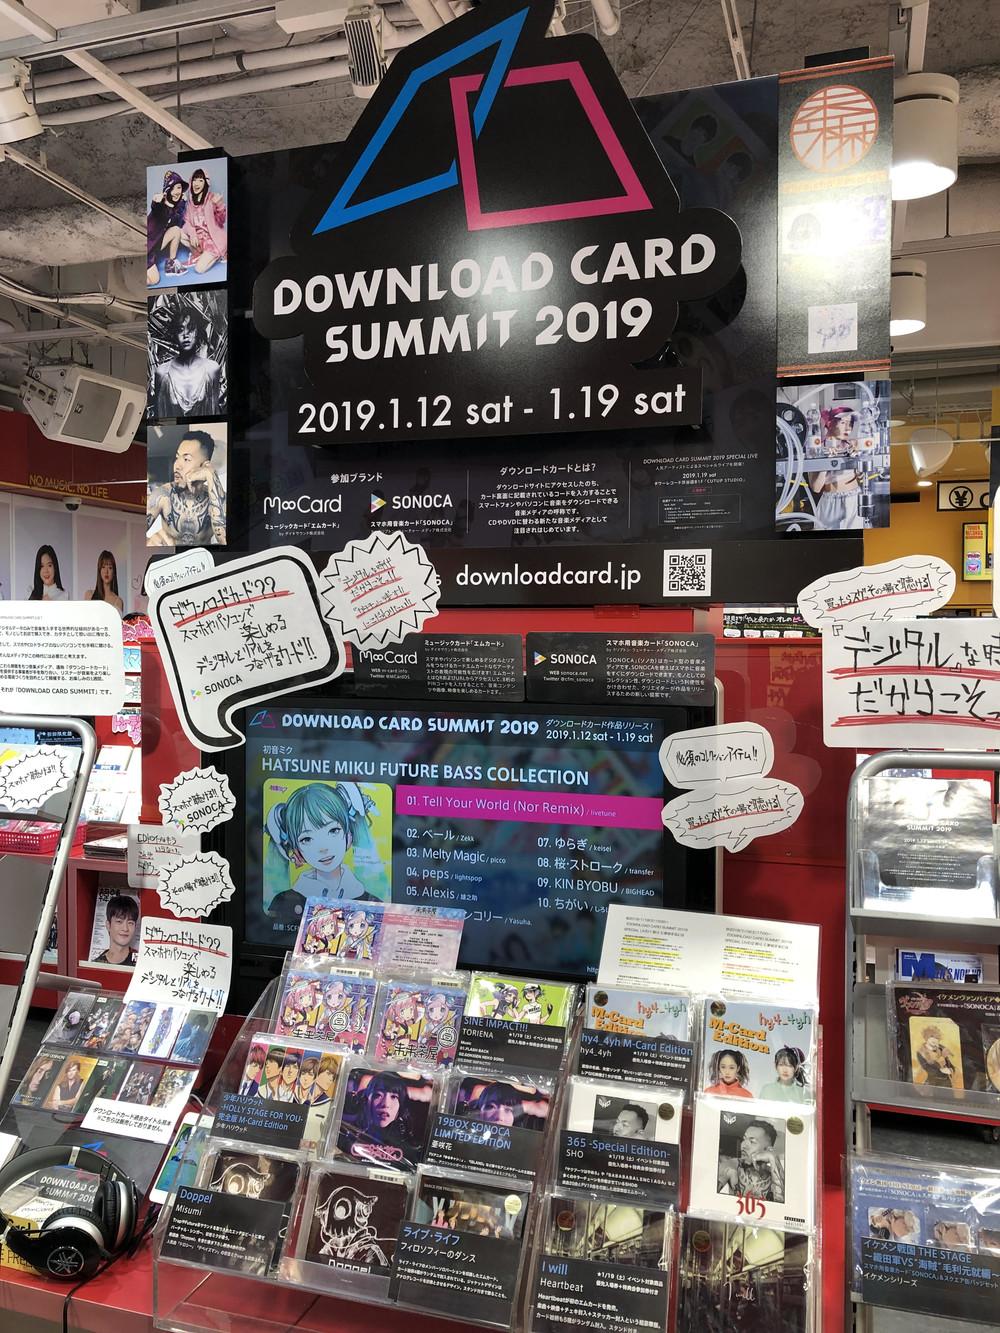 タワーレコード渋谷店で開催中の「DOWNLOAD CARD SUMMIT 2019」のもよう